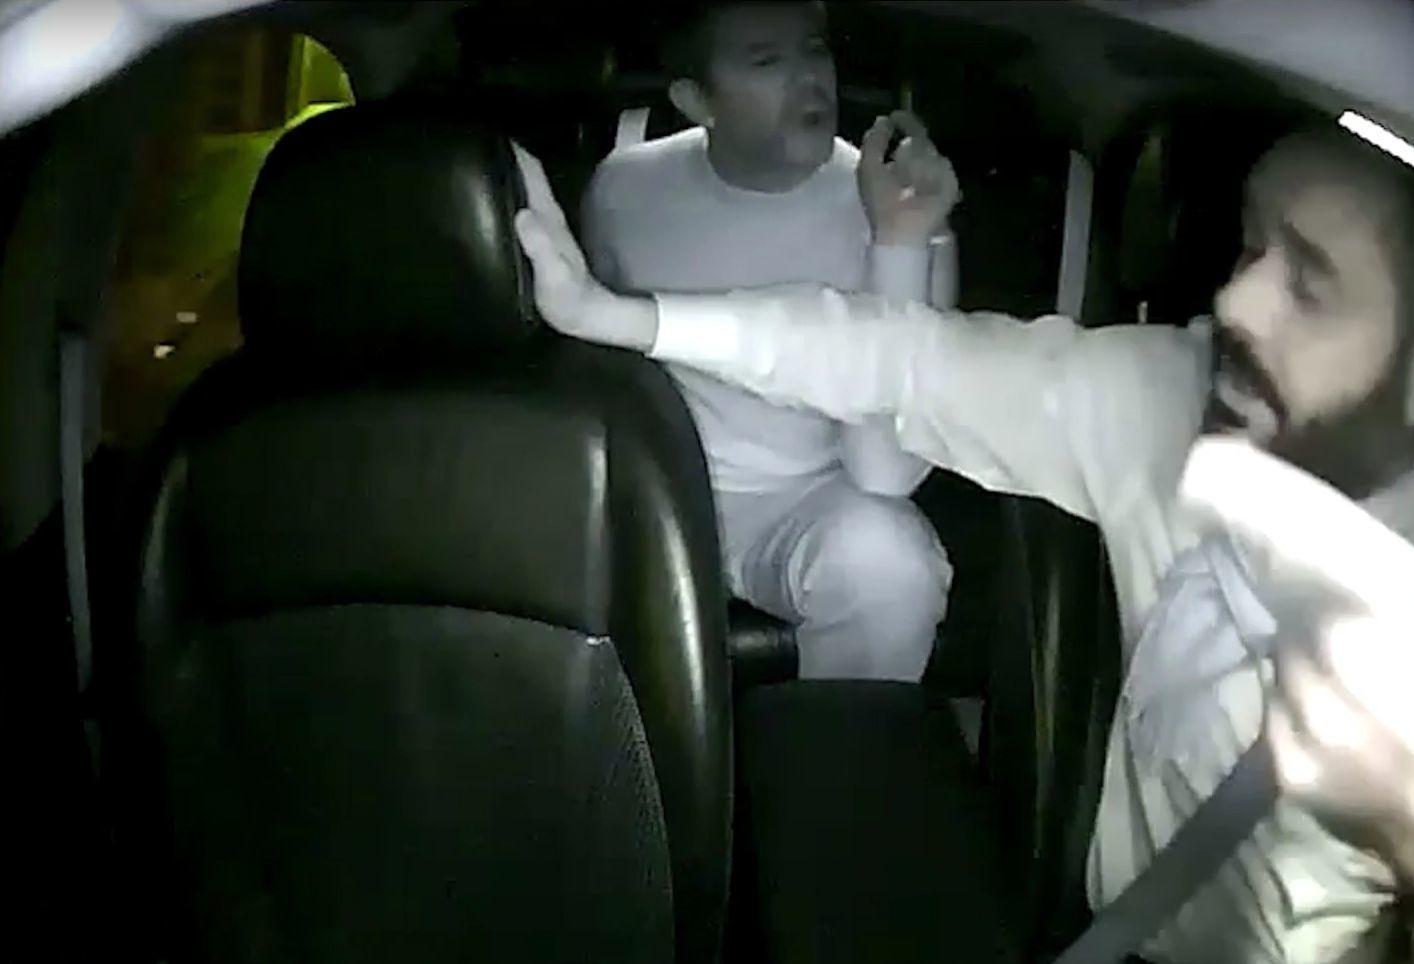 Travis Kalanick ble filmet under en heftig krangel med en av sine egne sjåfører tidligere i år, noe som heller ikke bidro til positiv PR for toppsjefen.